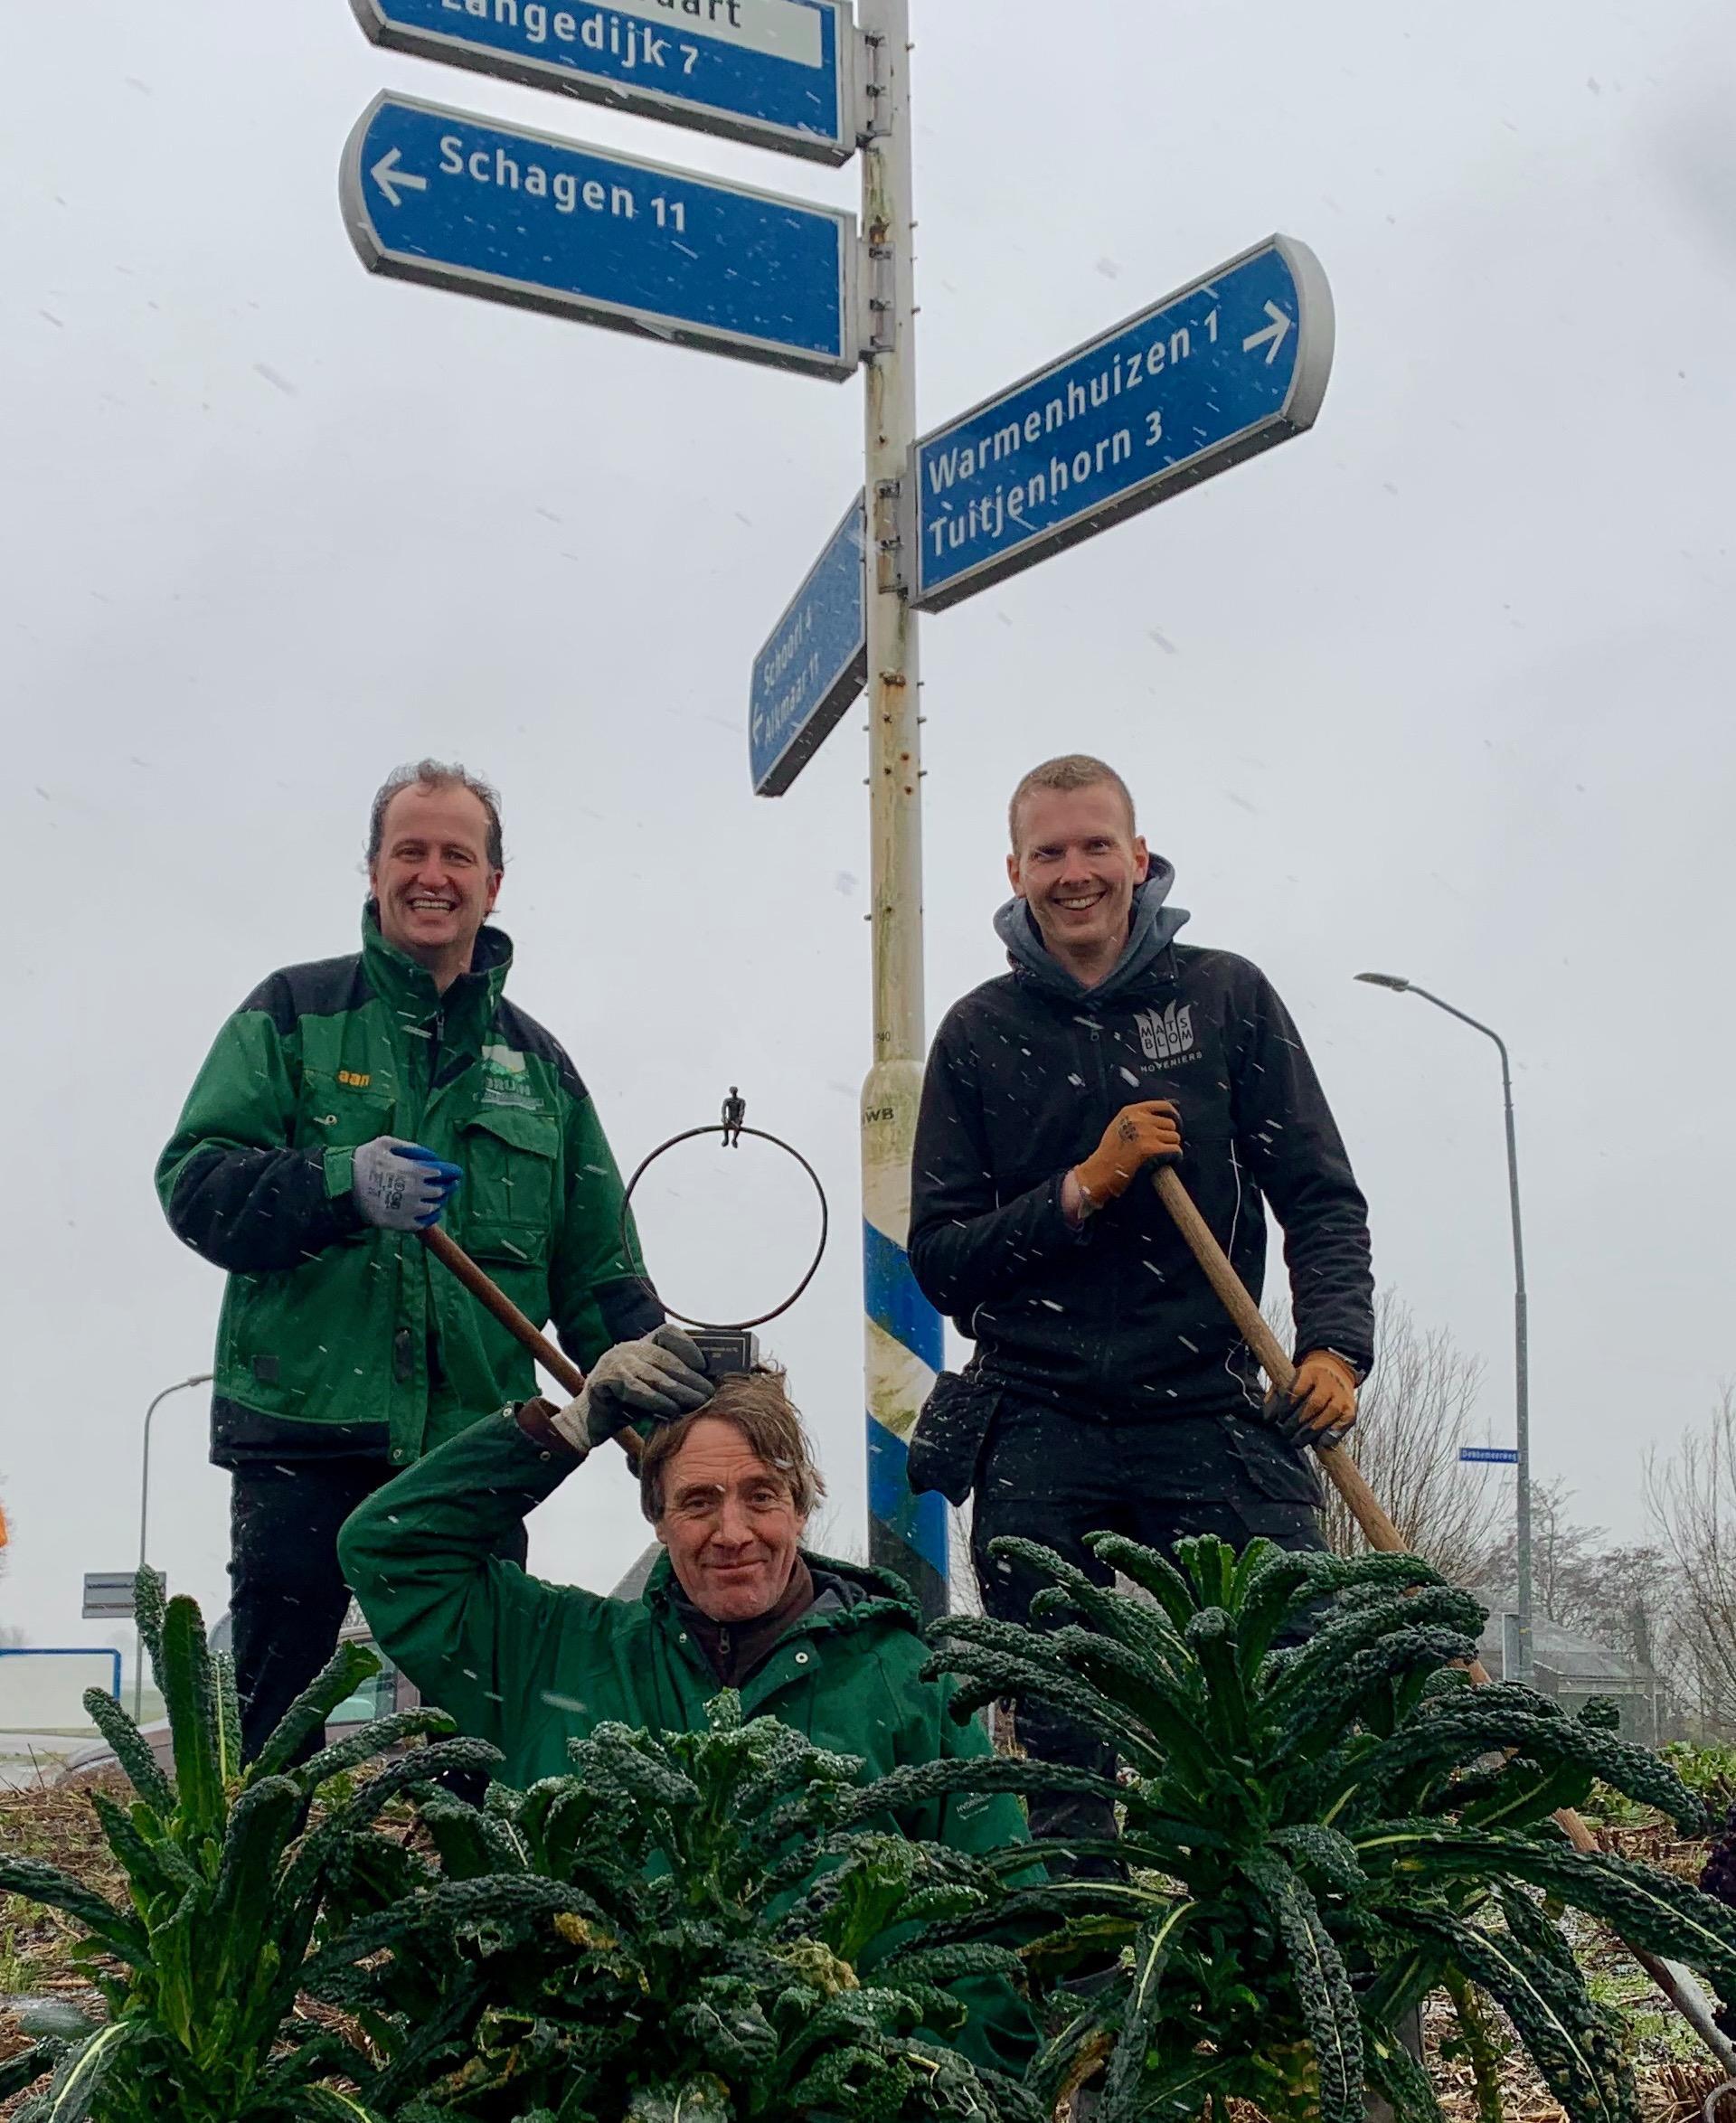 De Toverbal in Warmenhuizen goed voor landelijke prijs; 'De mooiste rotonde van Nederland. Wie heb 't? Nou, wij dus!', zegt de winnende hovenier Ruud Vermeer [update]